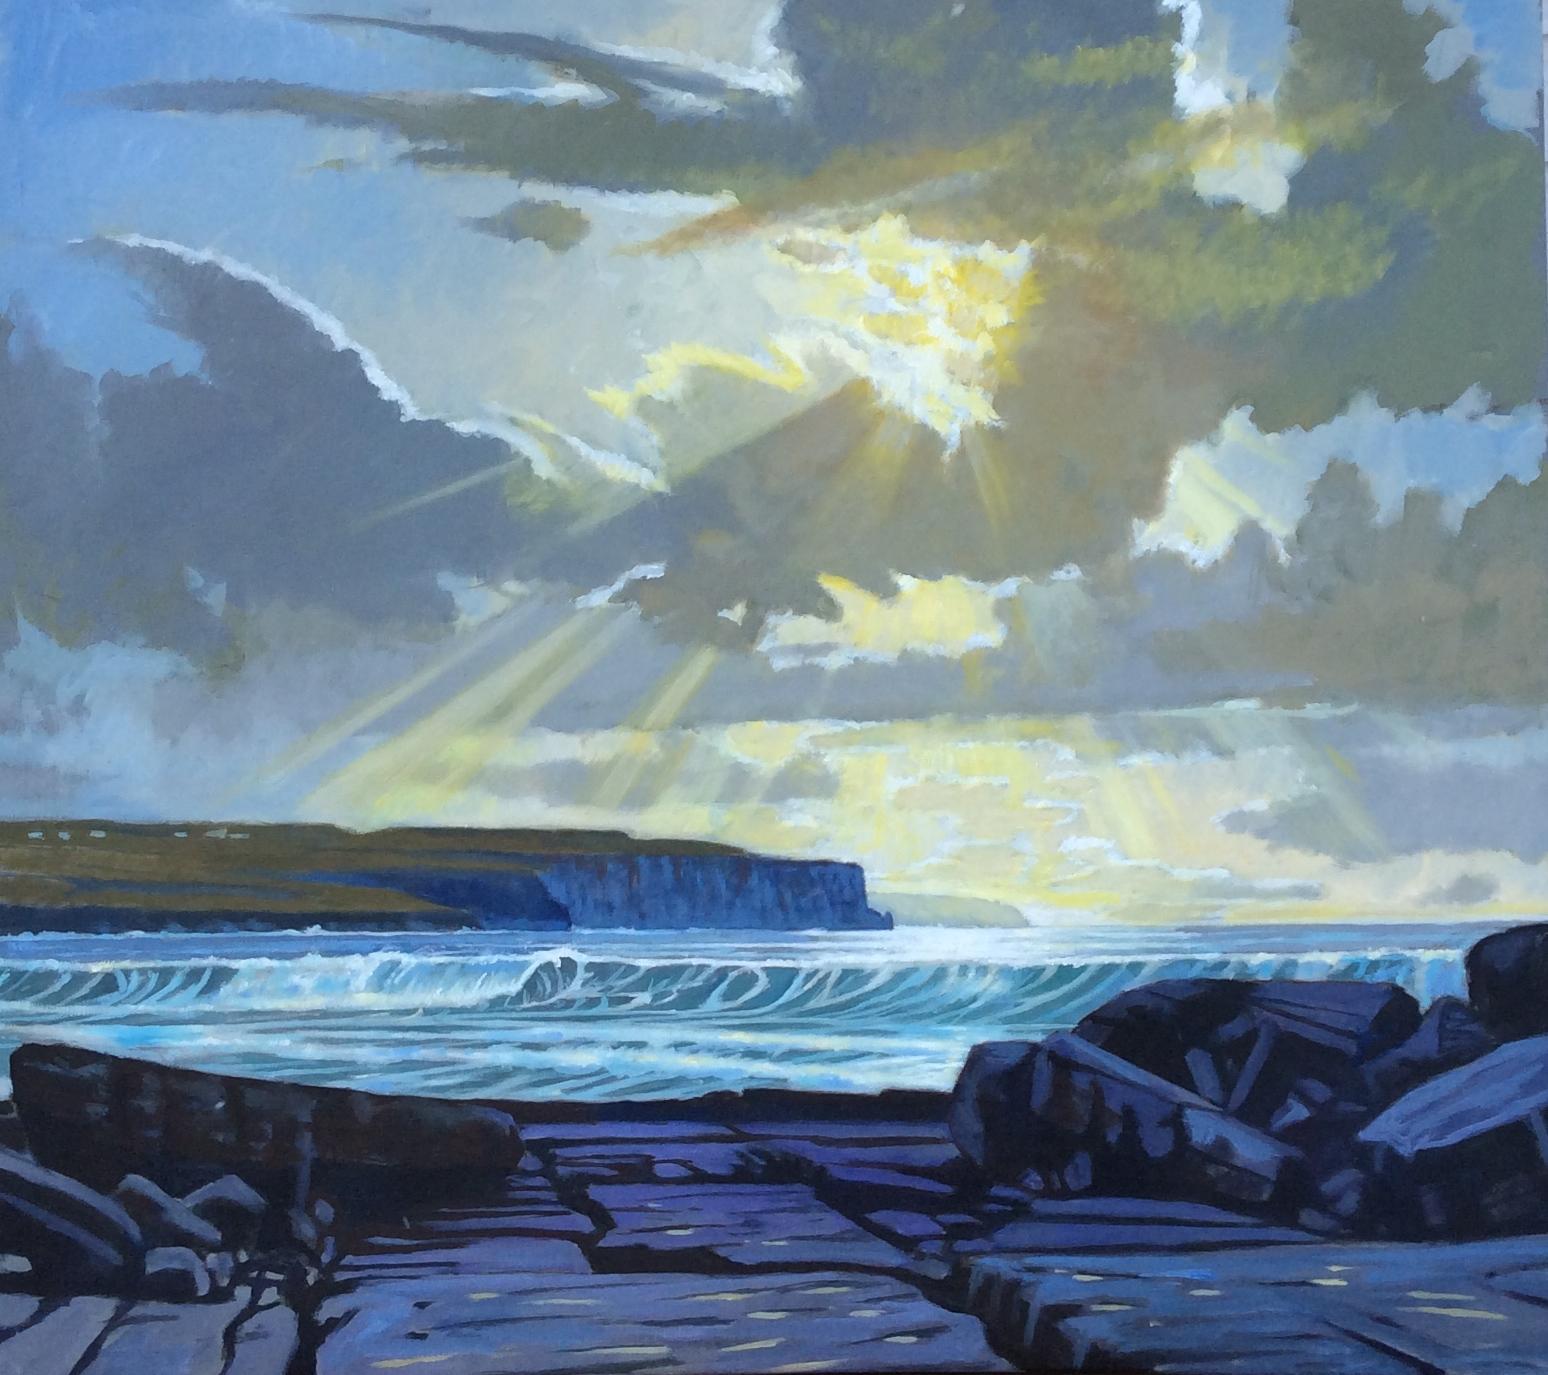 Oct. Light-Cliffs of Moher,Ireland